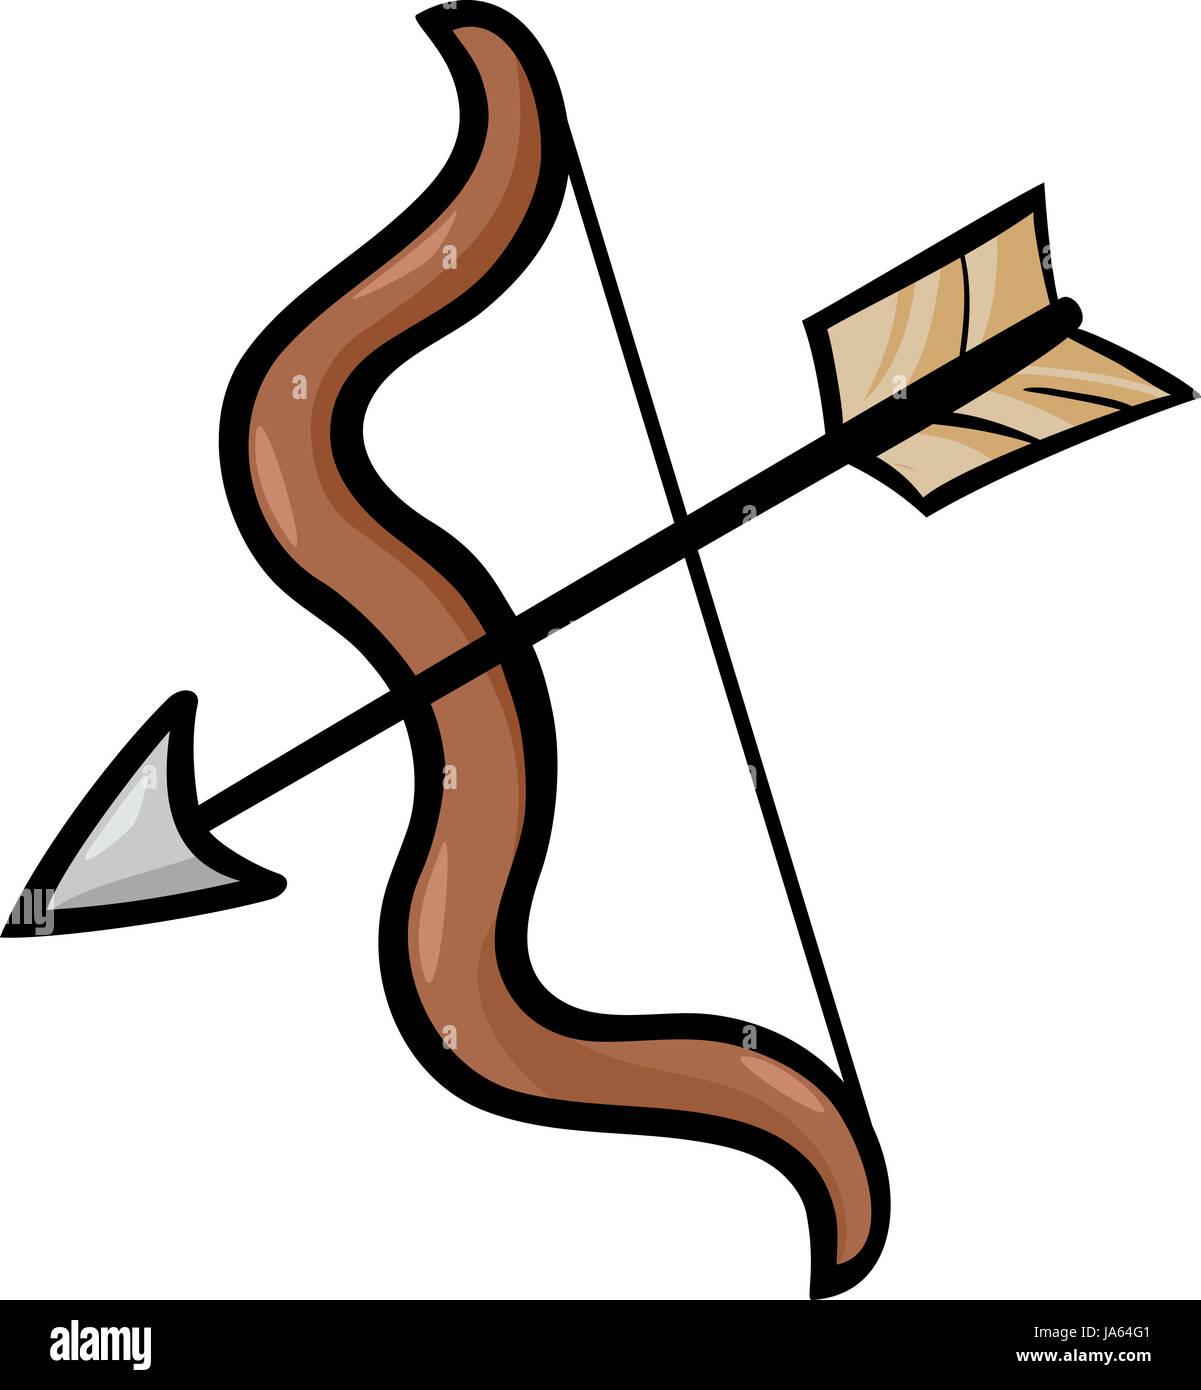 cartoon illustration of bow and arrow clip art stock photo rh alamy com indian bow and arrow clip art